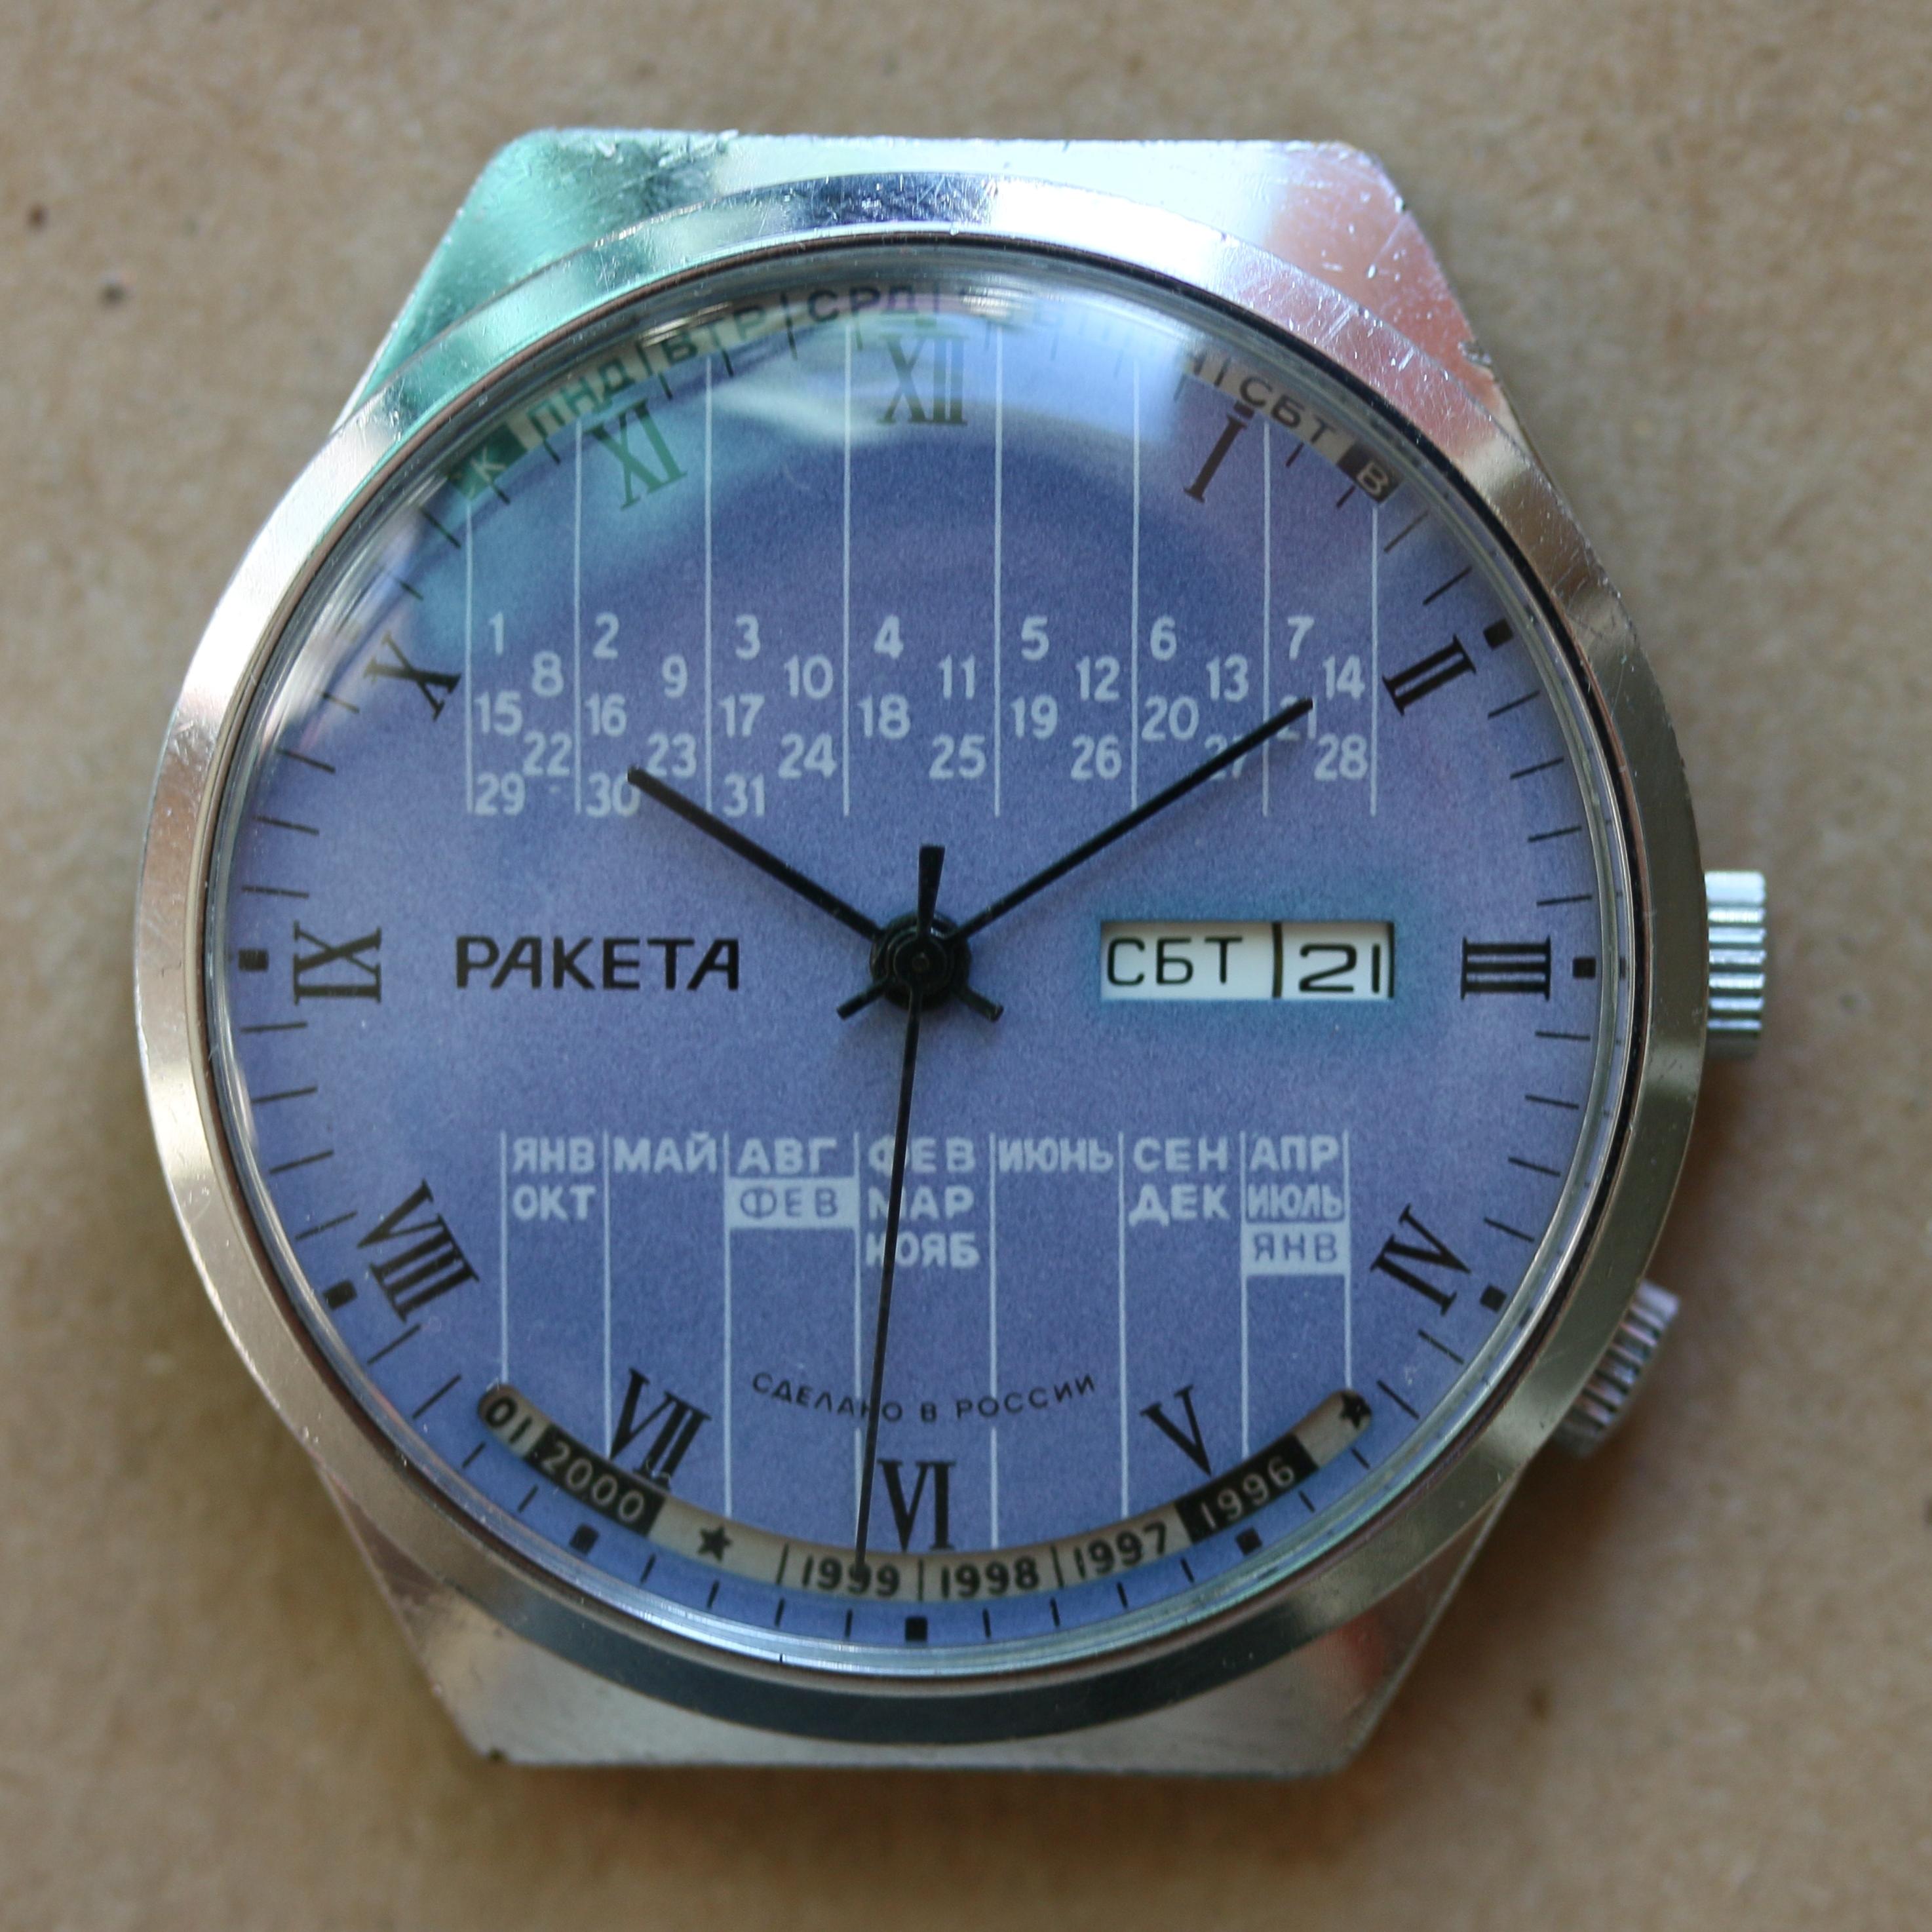 Heureux possesseurs de RAKETA , montrez nous vos plus belles pièces ! - Page 6 0_1ad023_65fcf540_orig